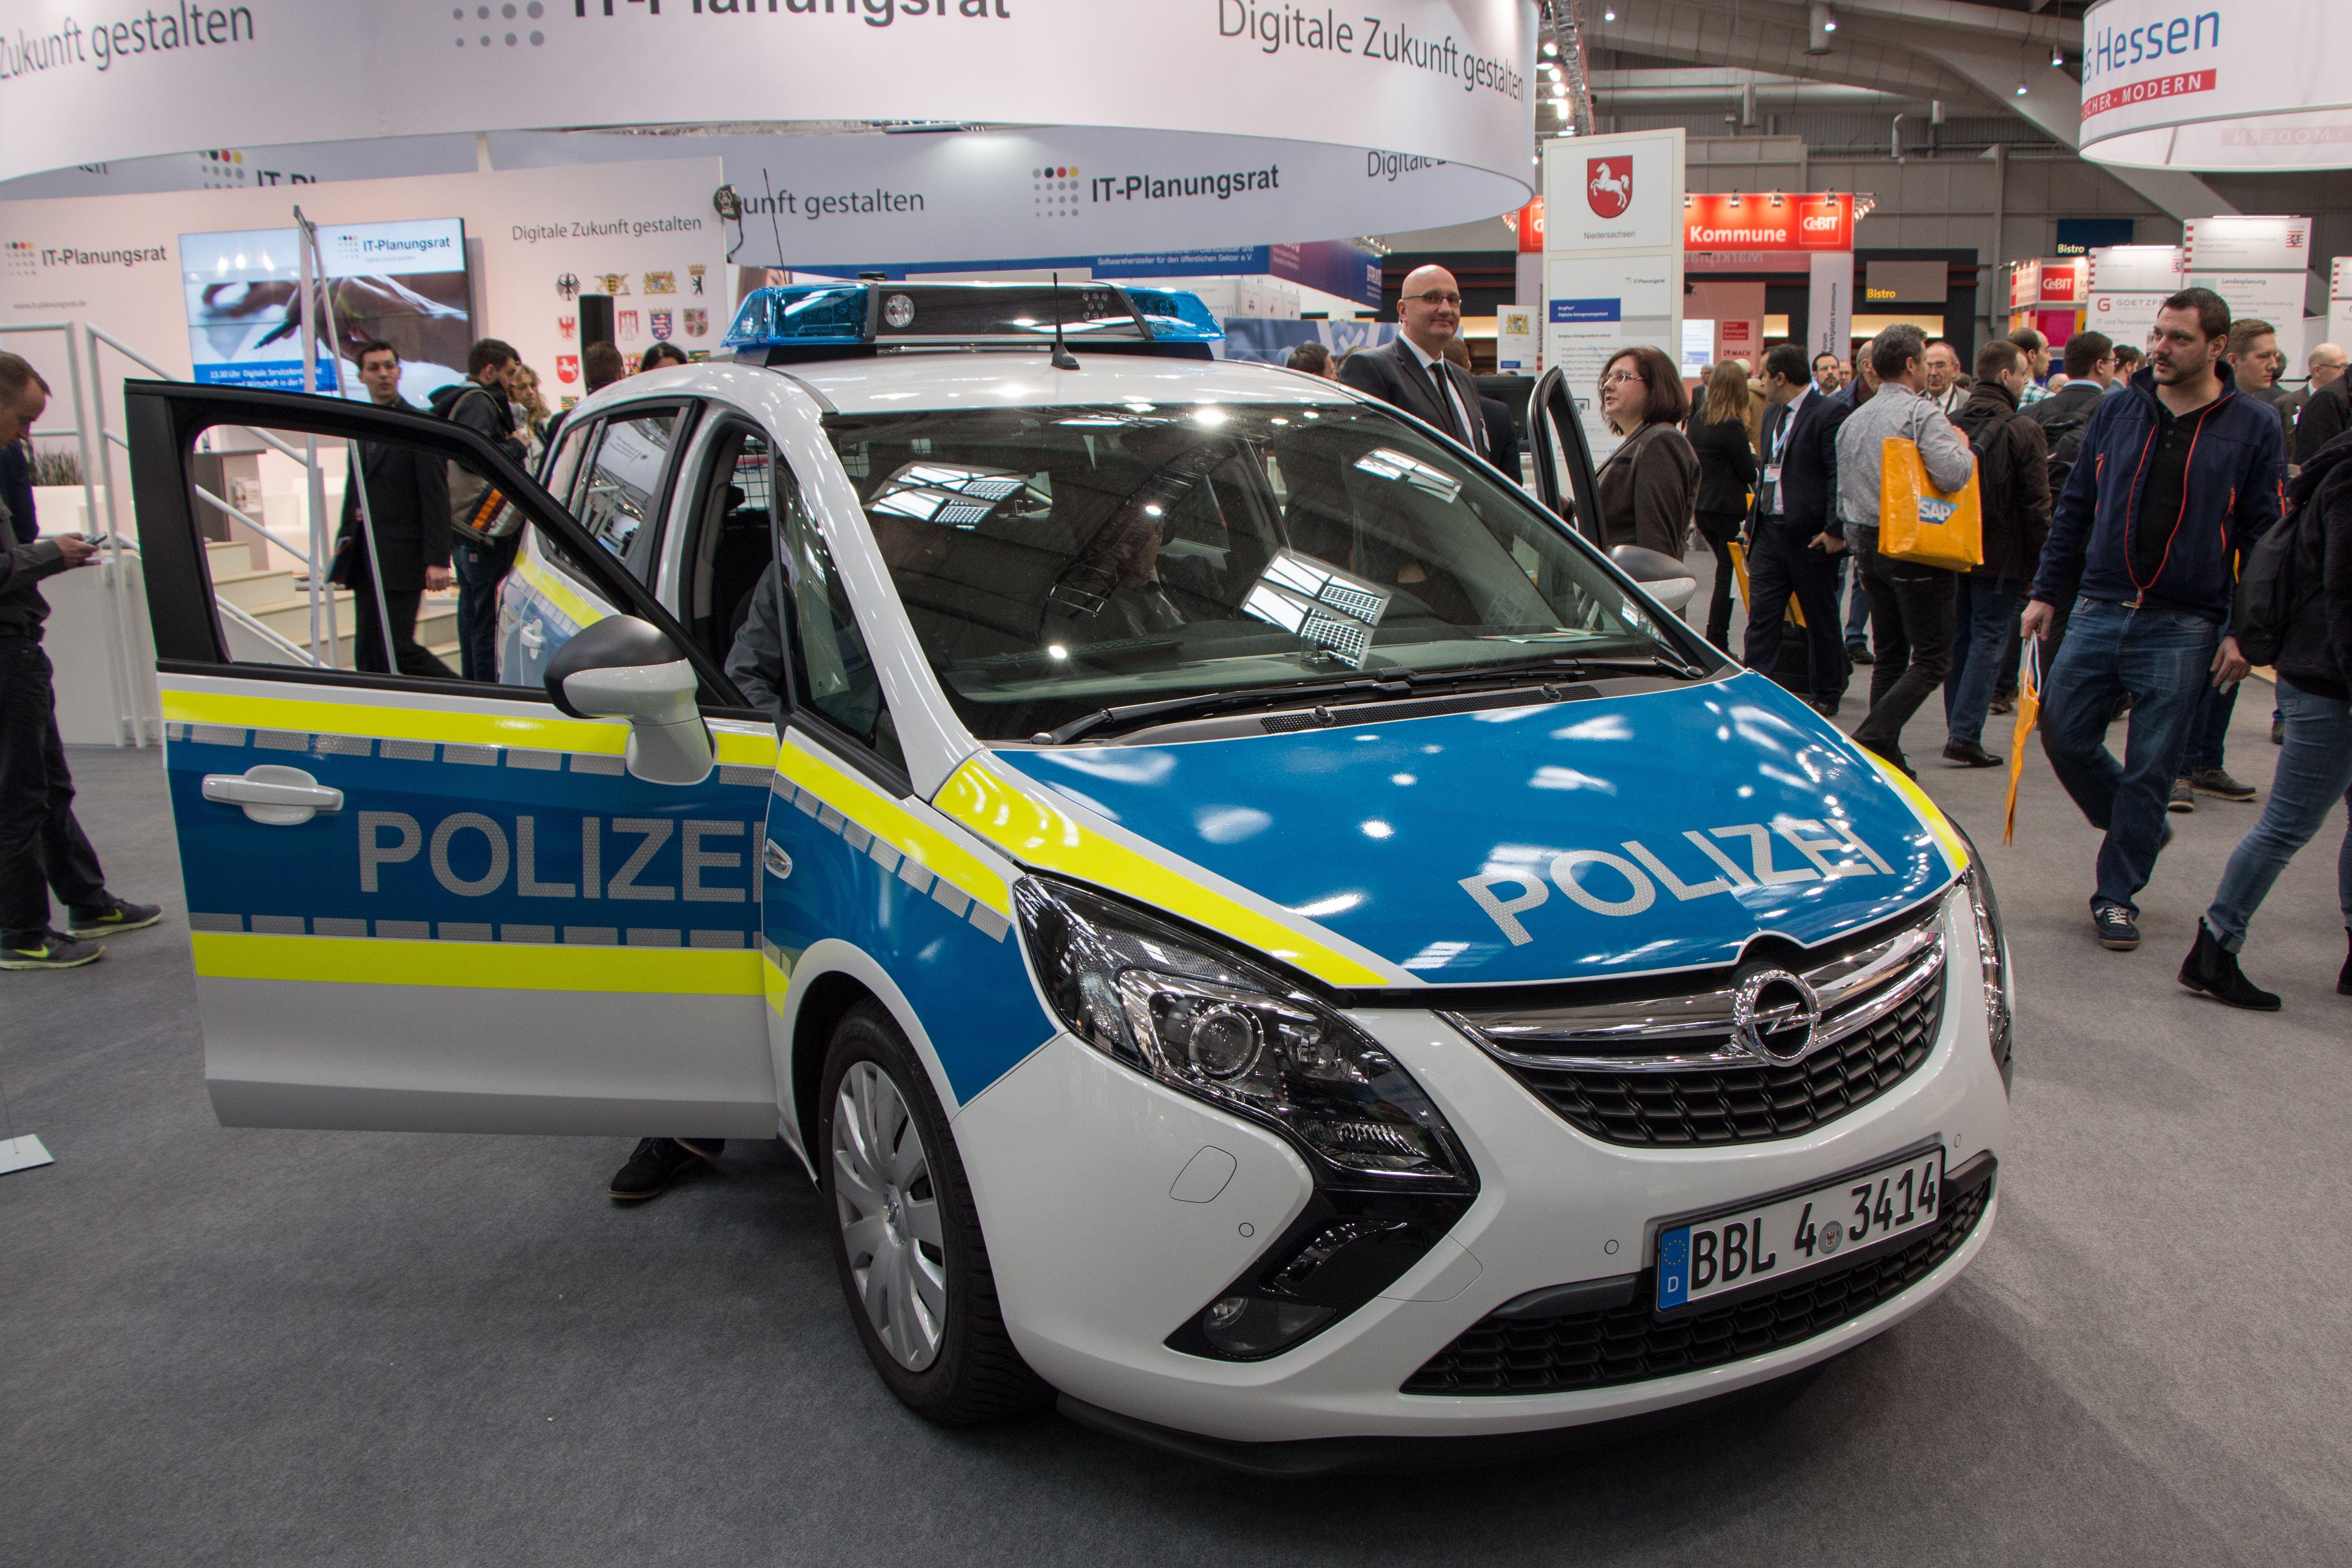 Connected Car: Die Polizei vernetzt den Streifenwagen - Einer von 28 vernetzten Streifenwagen der Polizei von Brandenburg auf der Cebit 2016 (Foto: Werner Pluta/Golem.de)